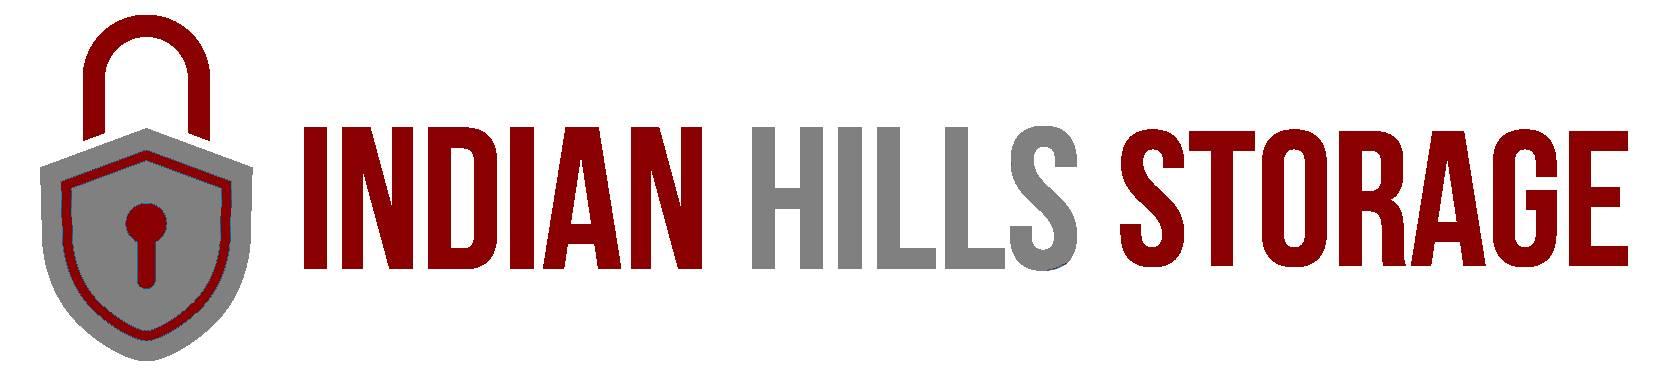 Indian Hills Storage